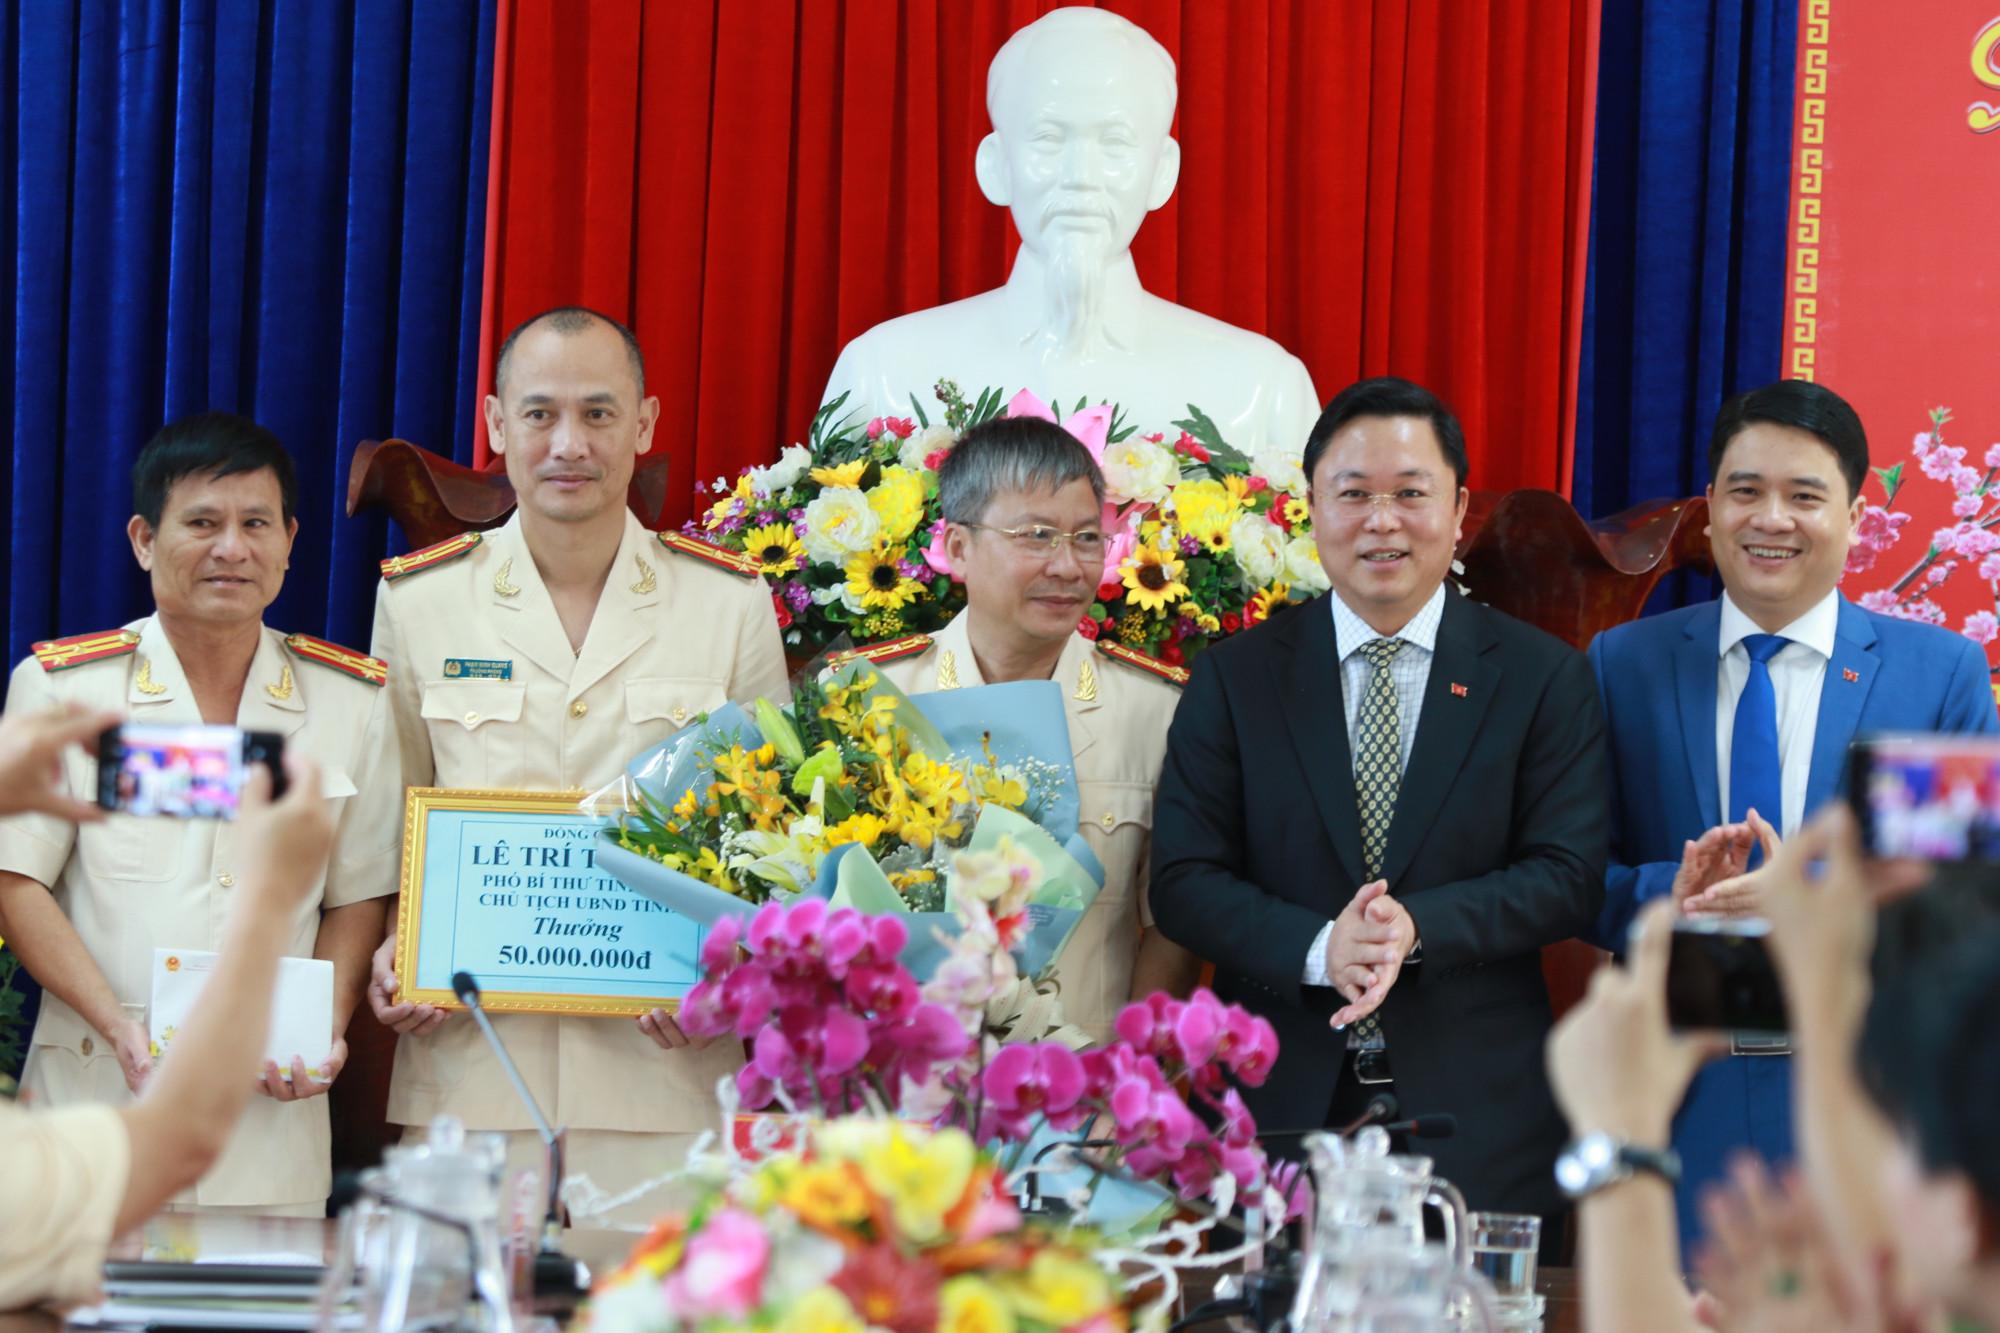 Lãnh đạo tỉnh Quảng Nam thưởng nóng 50 triệu đồng cho ban chuyên án